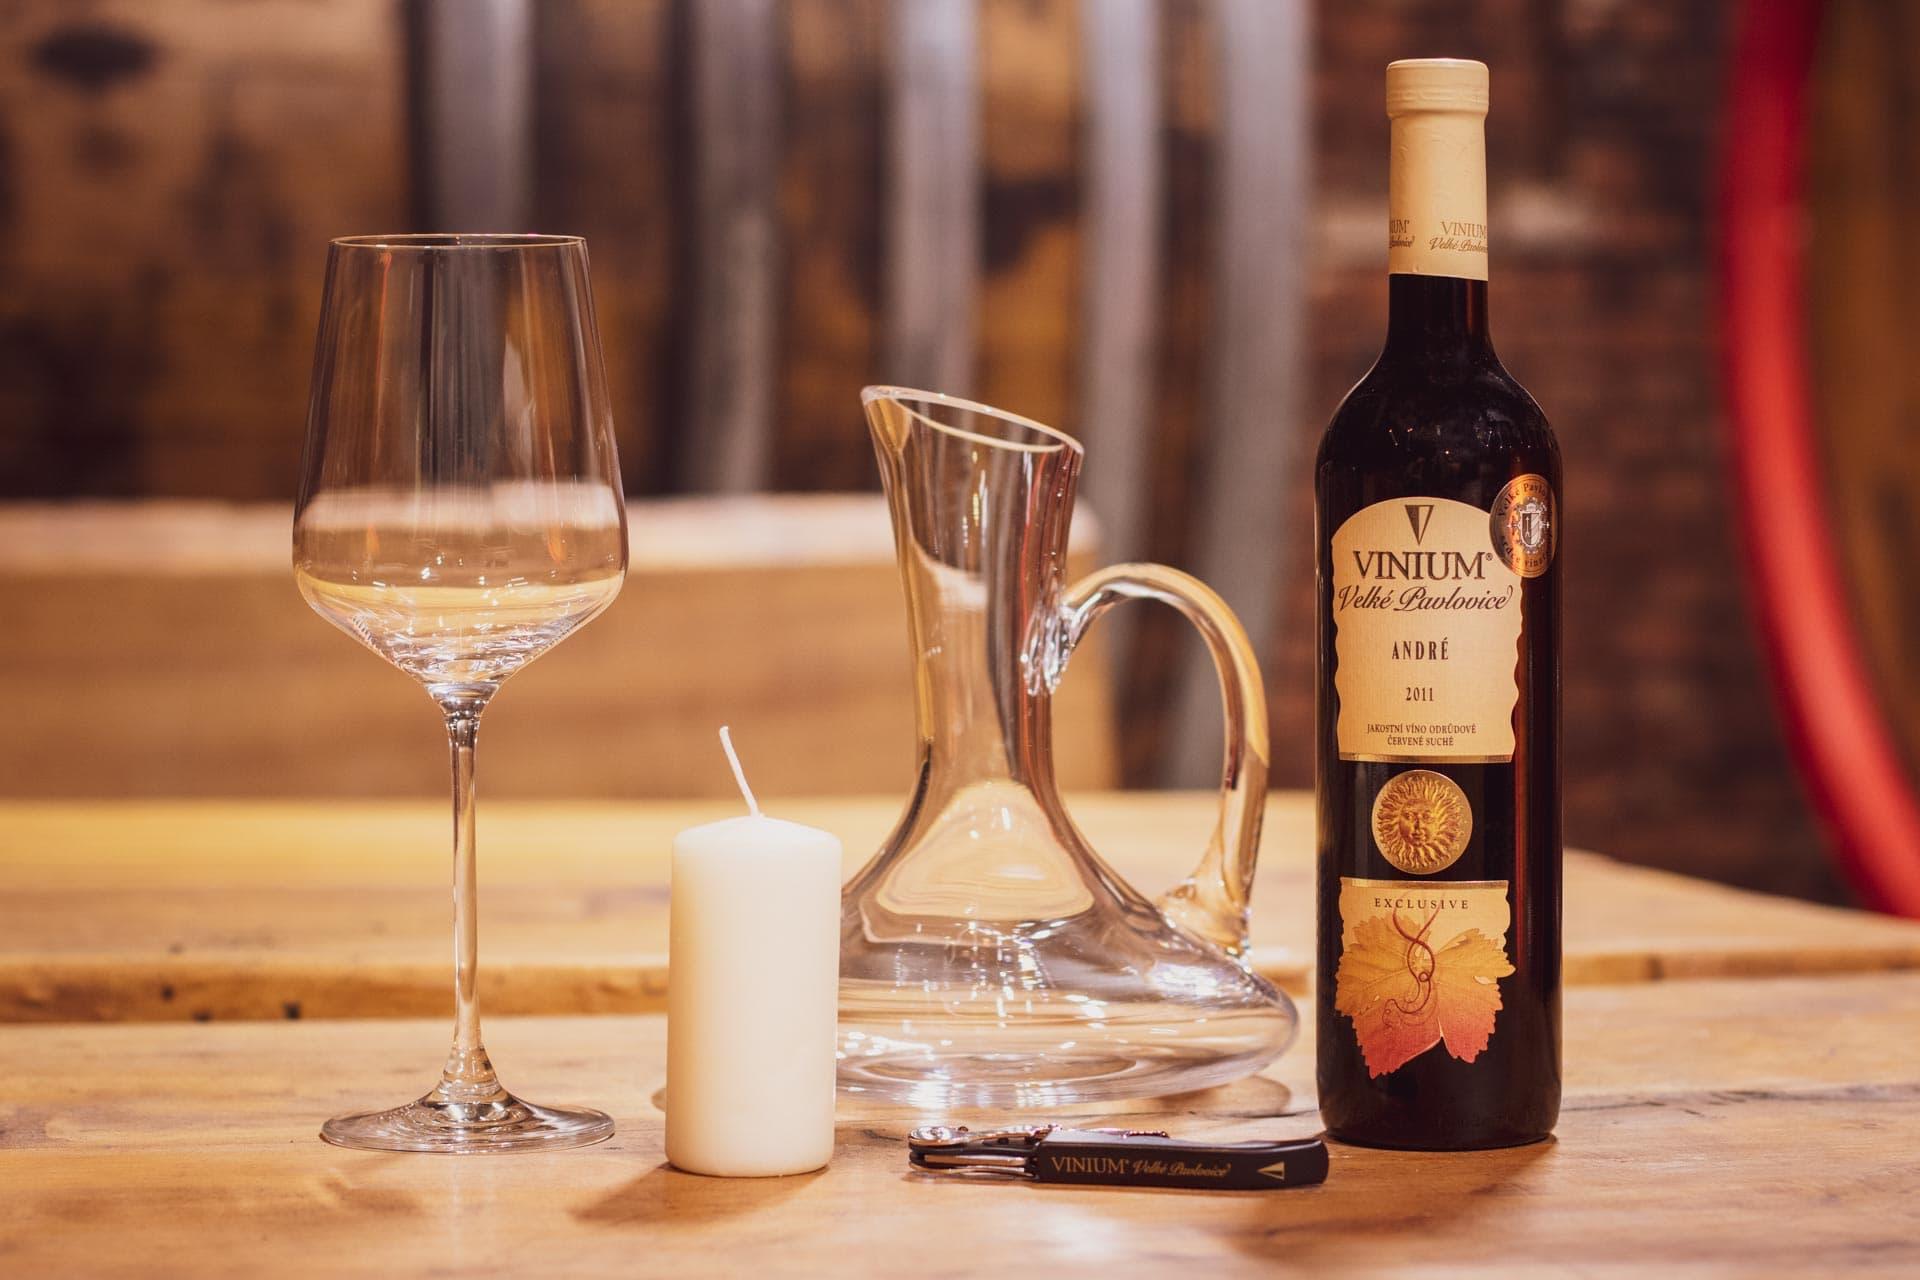 Foto ke článku 1, dekantace vína, jak dekantovat víno, víno, VINIUM